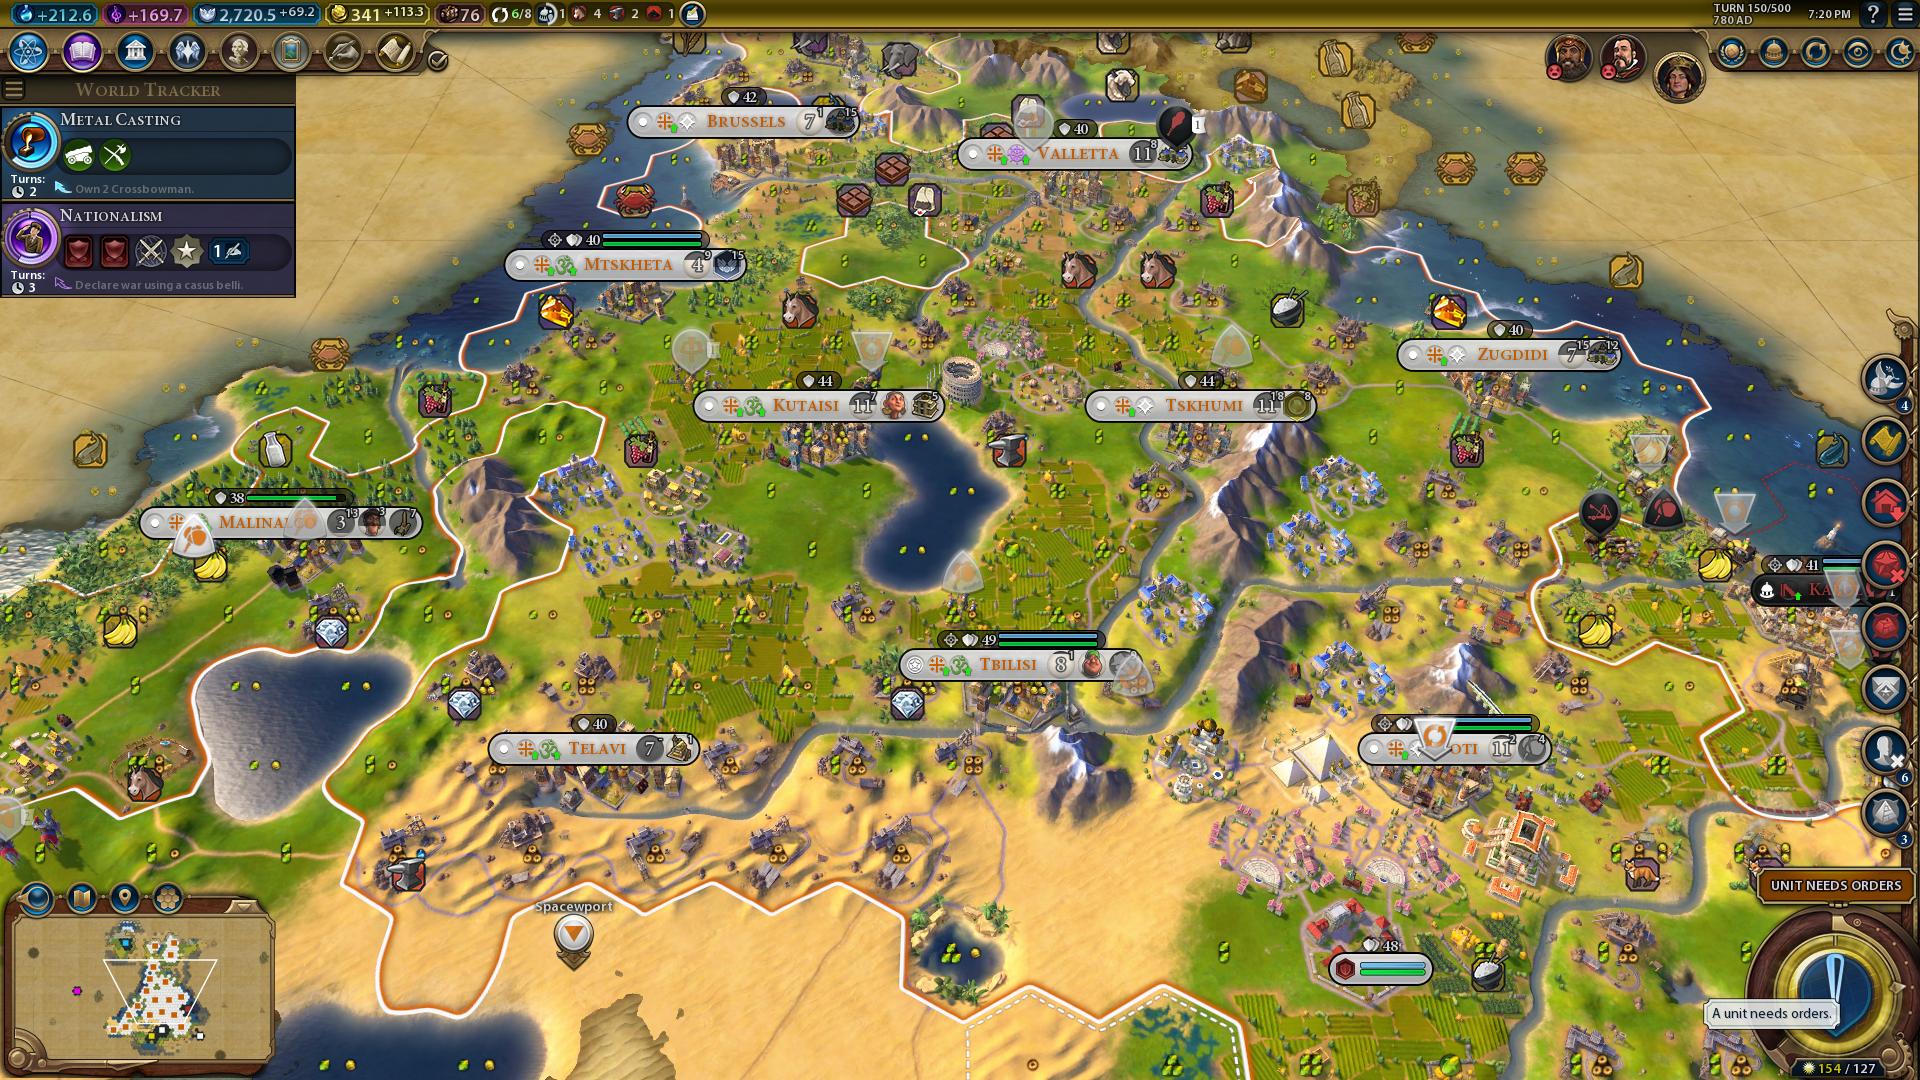 Sid Meier's Civilization VI (DX11) 6_1_2018 7_20_38 PM.png